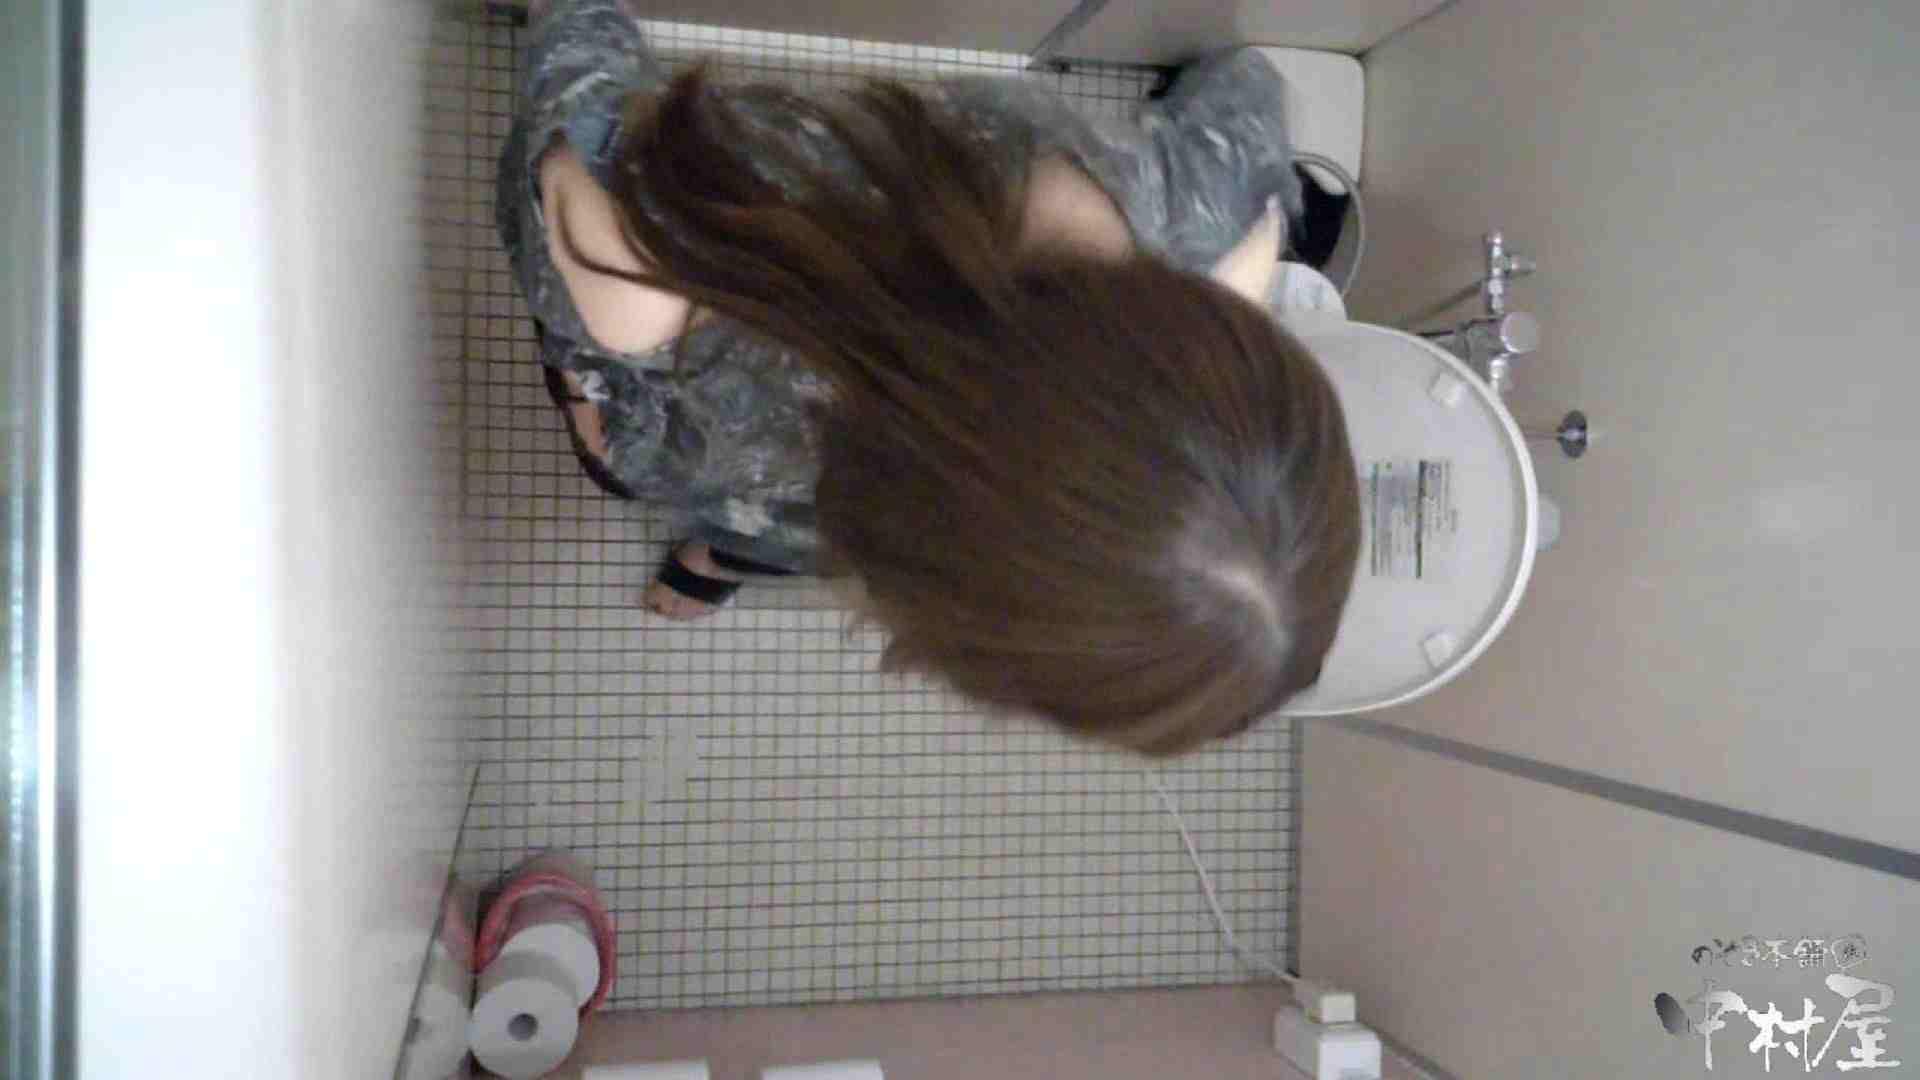 【某有名大学女性洗面所】有名大学女性洗面所 vol.43 いつみても神秘的な世界です。 投稿 アダルト動画キャプチャ 72画像 3